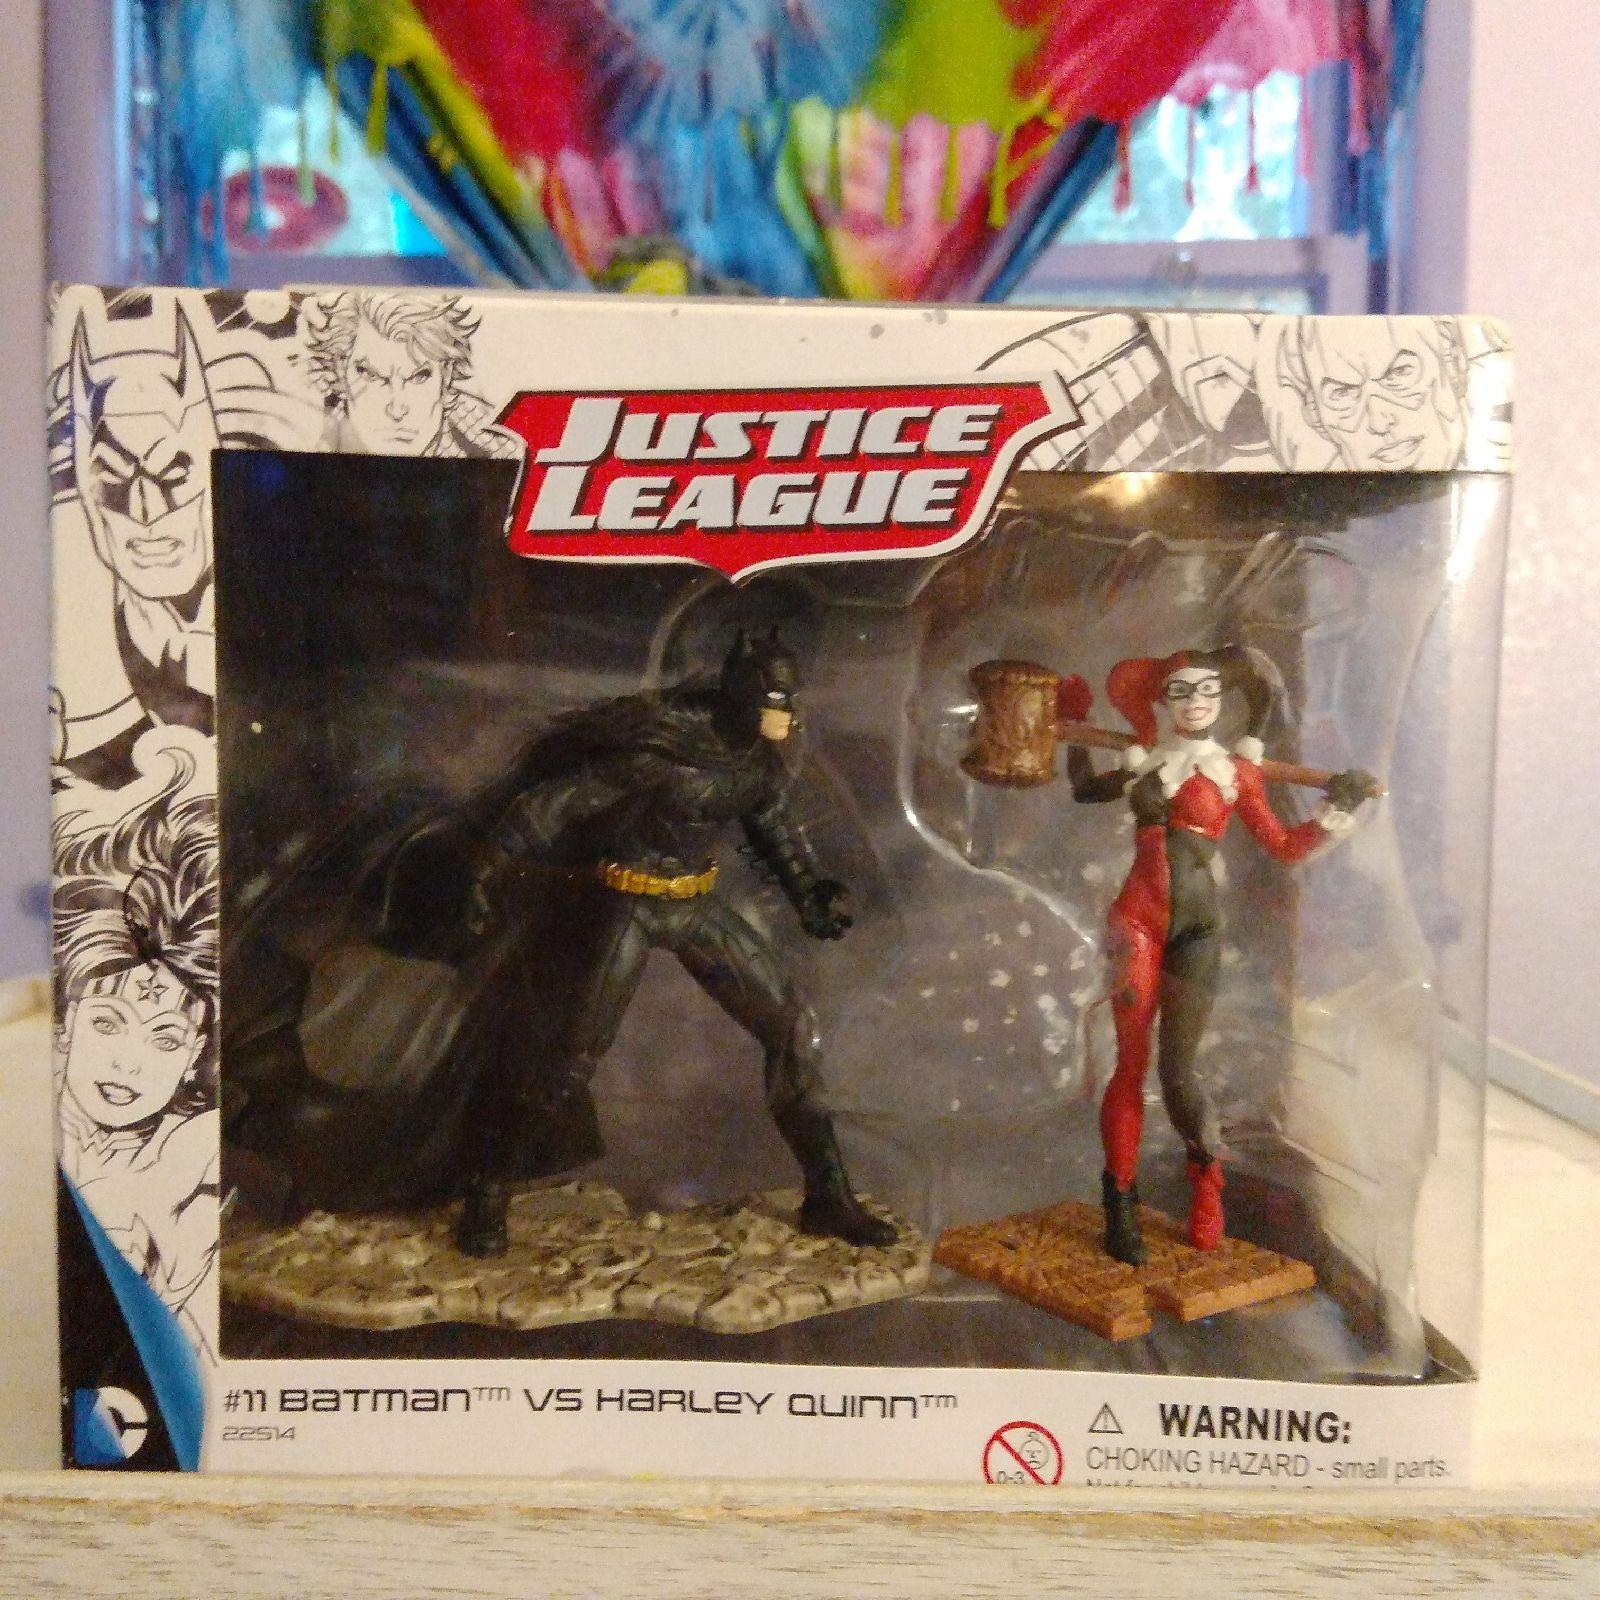 JUSTICE LEAGUE #11 BATMAN & HARLEY QUINN